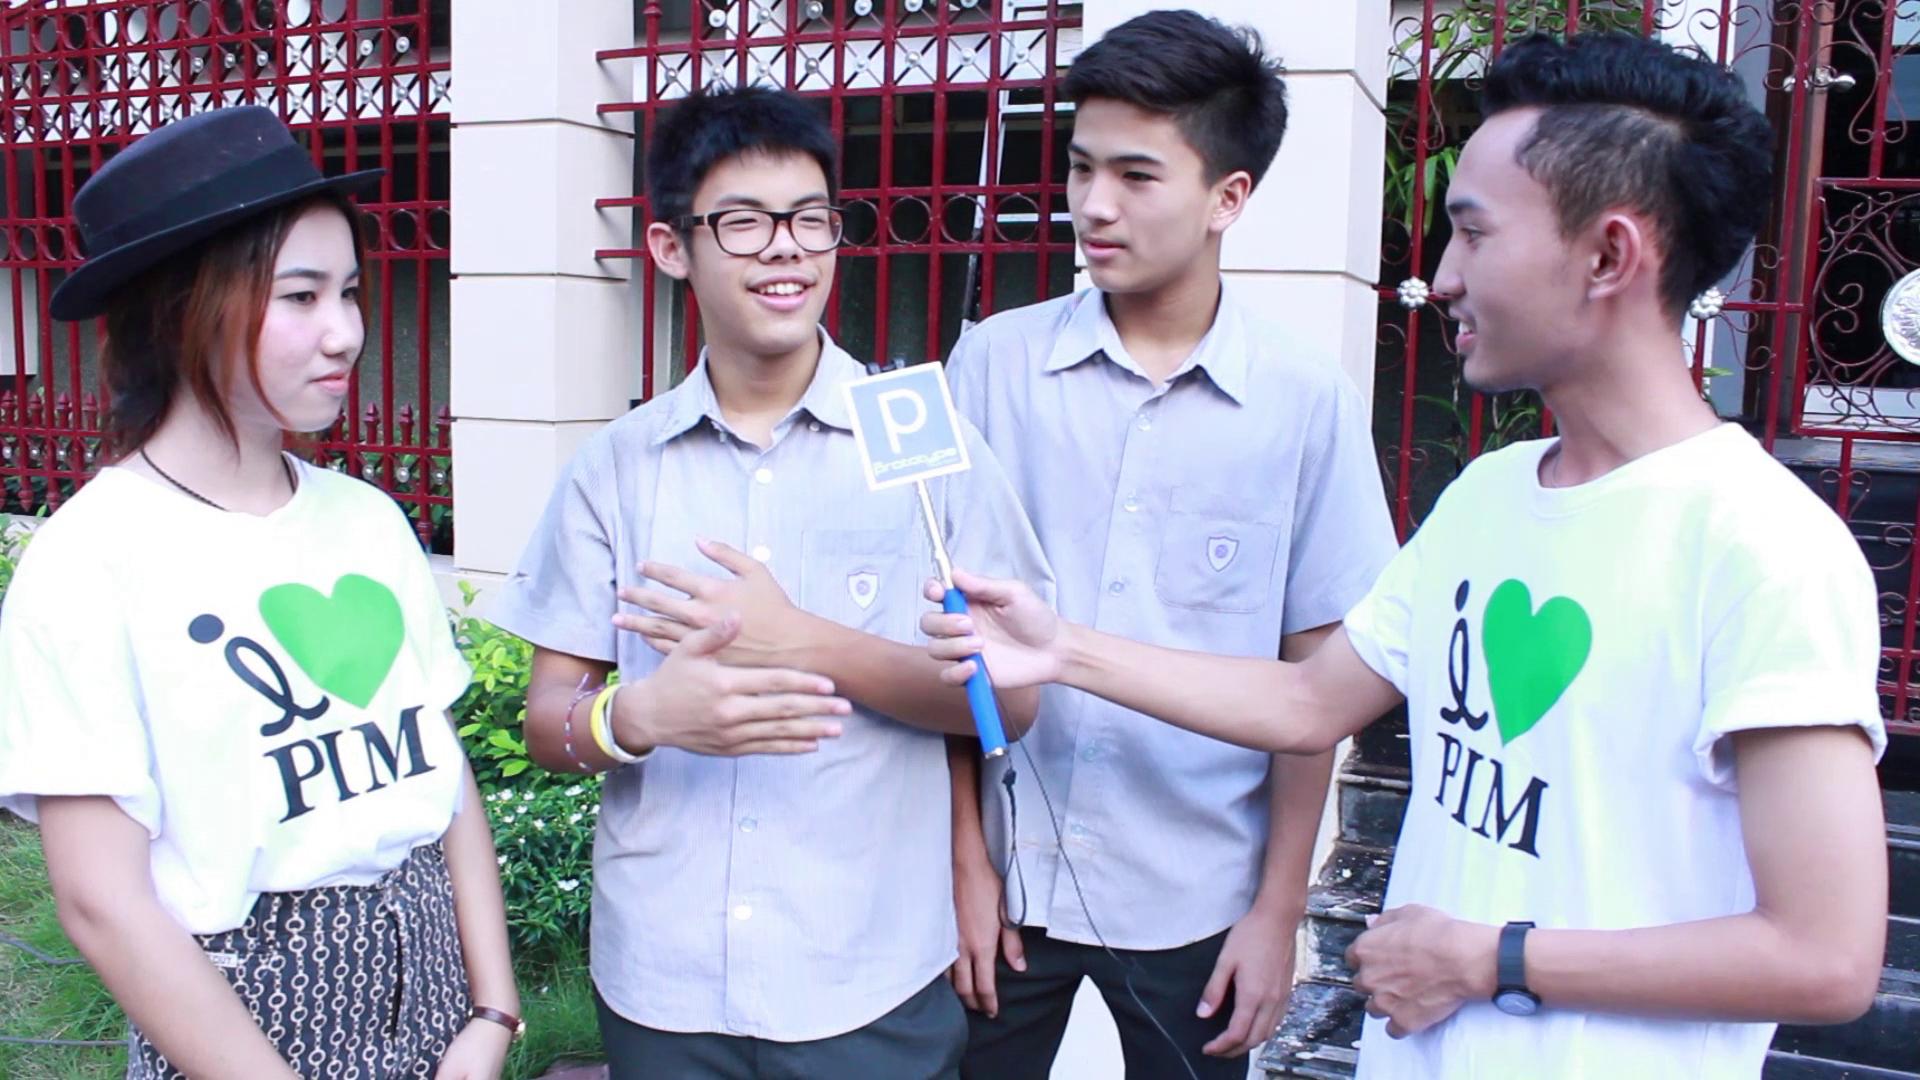 วัยรุ่นไทยคิดอย่างไรกับวันลอยกระทง